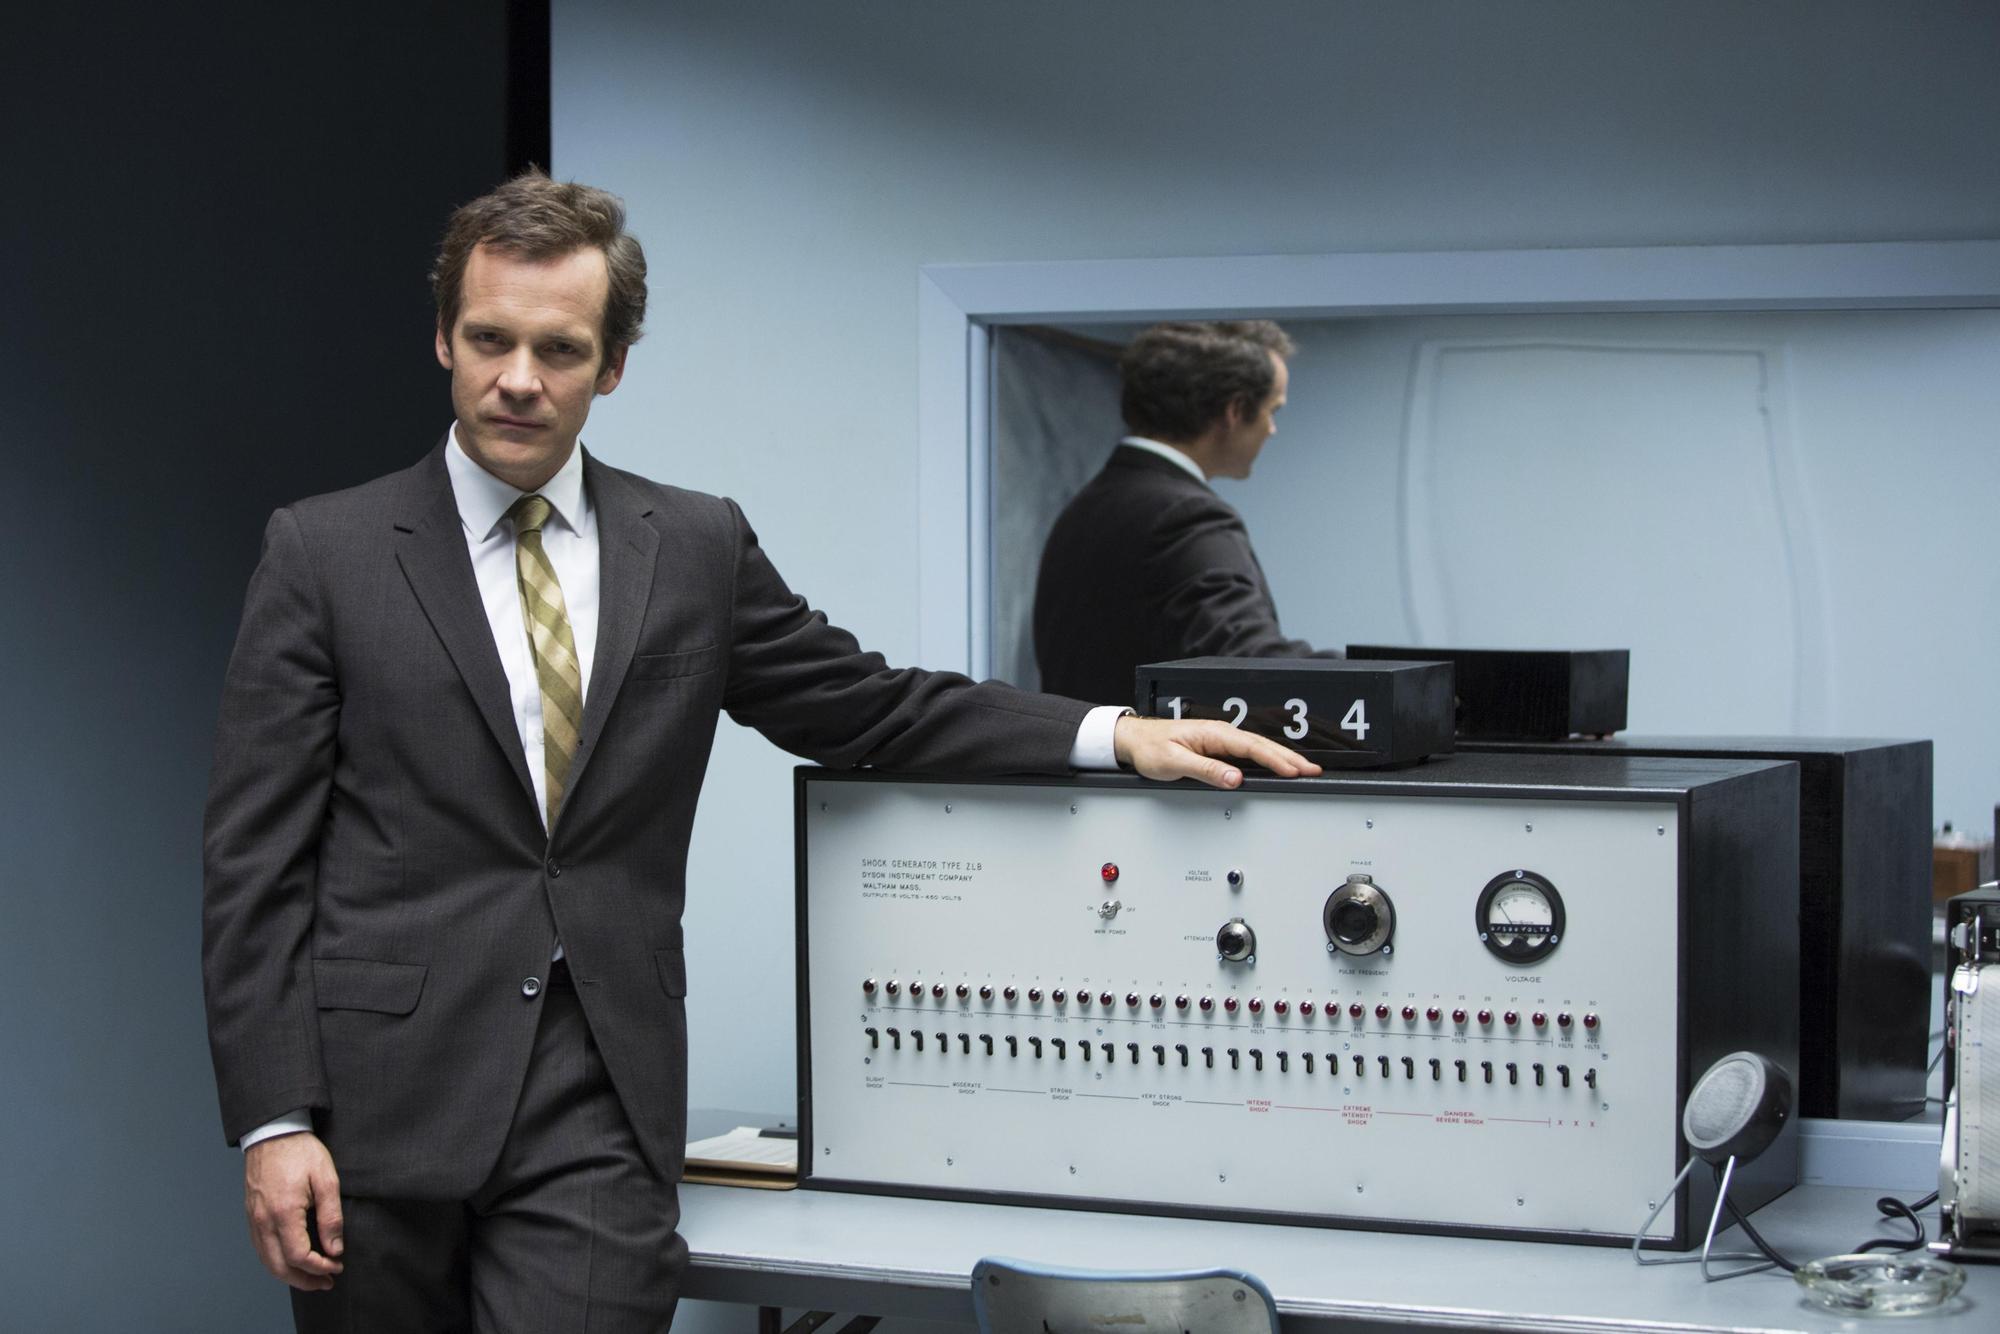 《實驗者》電影劇照,以社會心理學家米爾格蘭(Stanley Milgram)的電擊實驗為主題,探討人服從權威為惡的可能性。(東方IC)